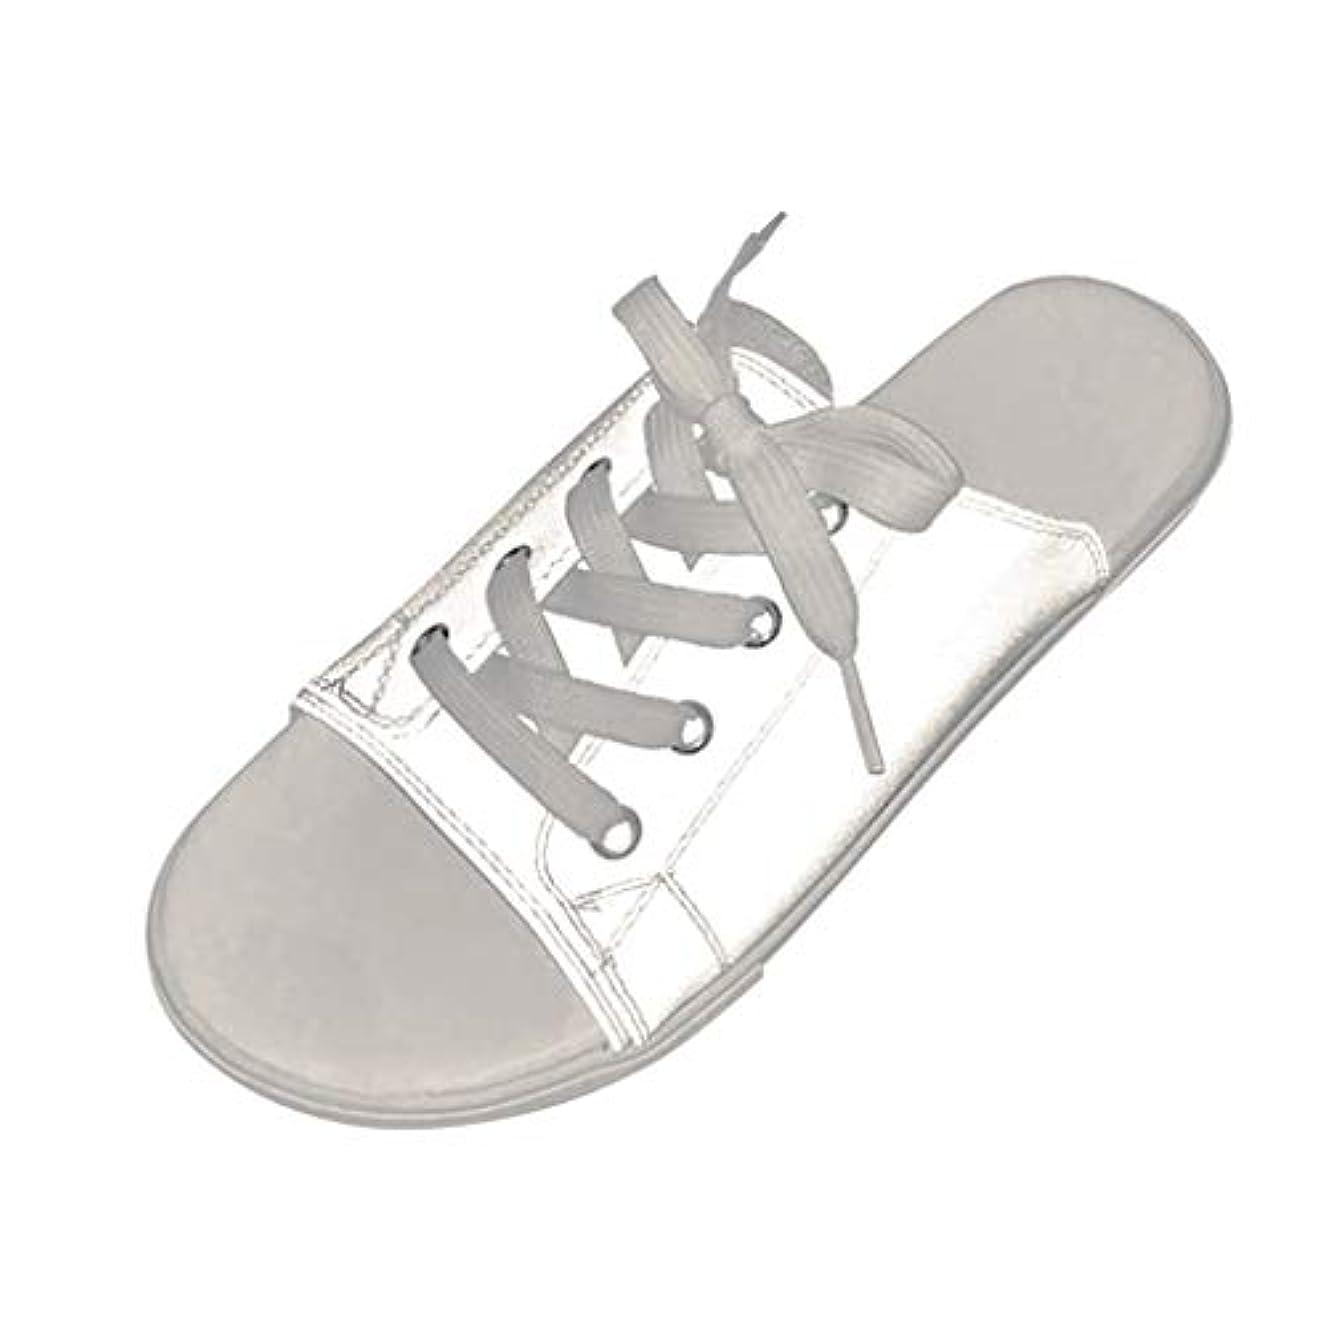 ビザ受粉者補助カップルは靴を照らす スリッパシューズ サンダル フラットビーチシューズ 魚の口の靴 輝くサンダル フラットスリッパ レースアップビーチサンダル